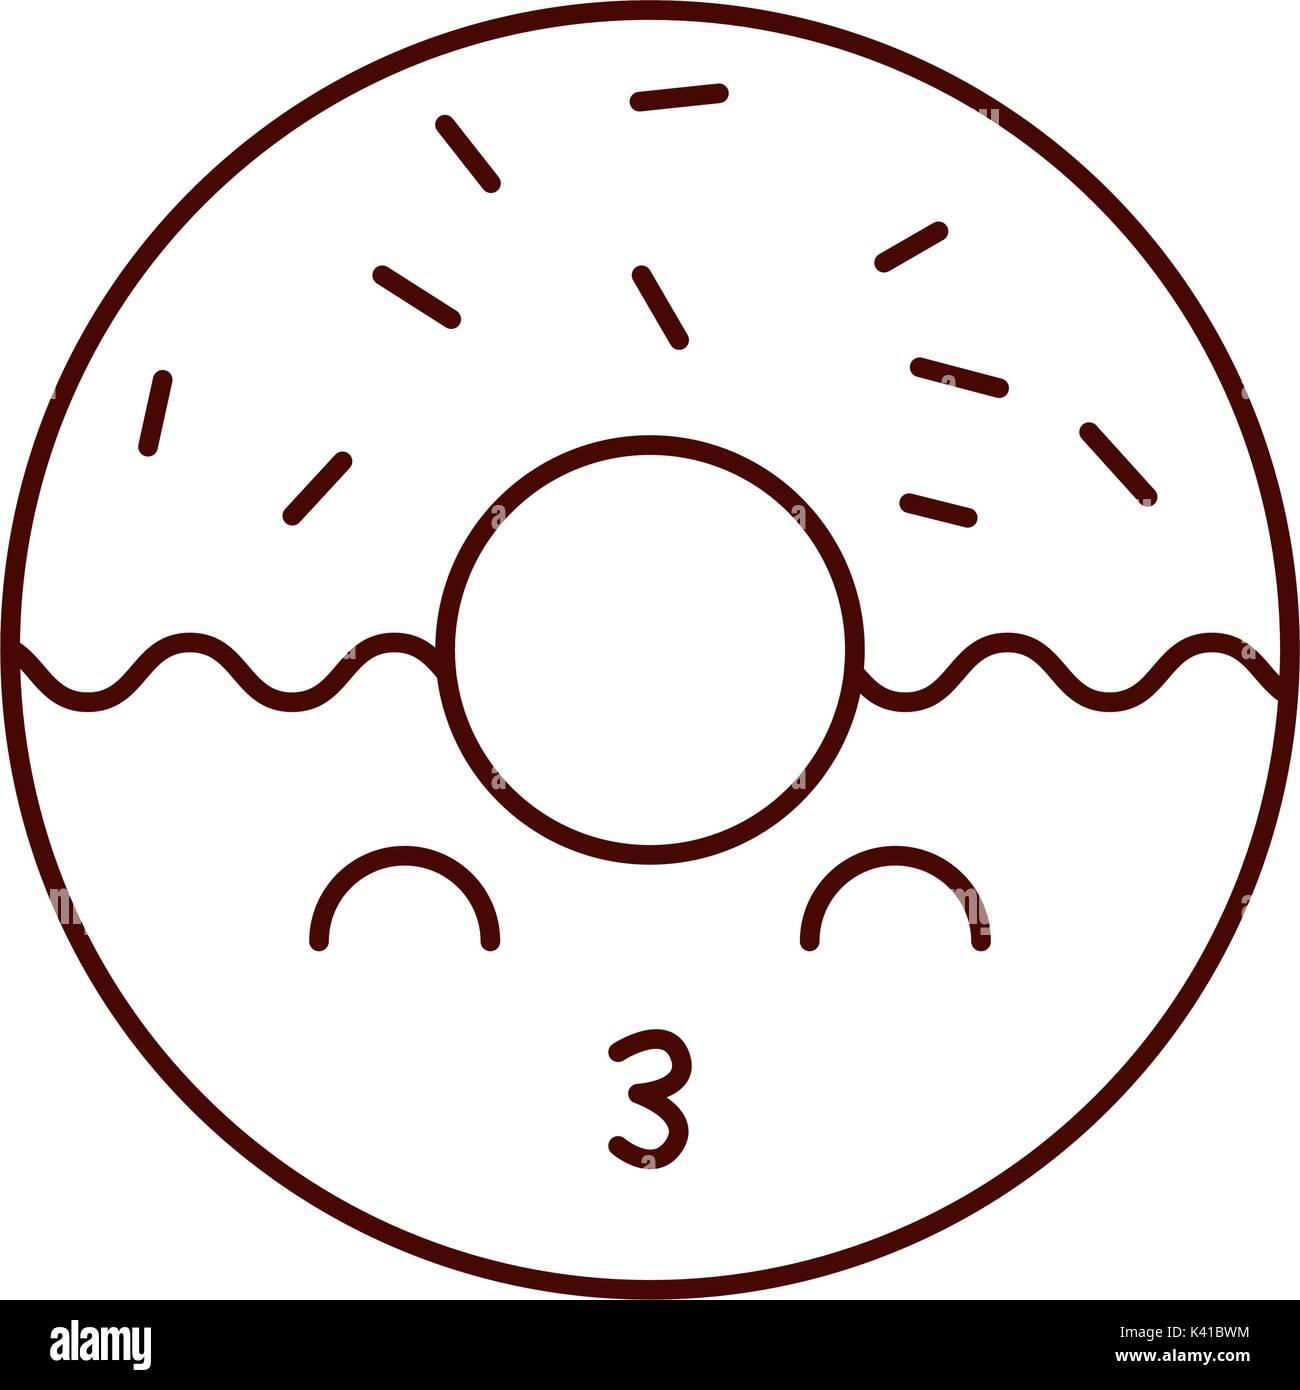 Donut Kawaii Dessert Cute Sweet Imágenes De Stock Donut Kawaii